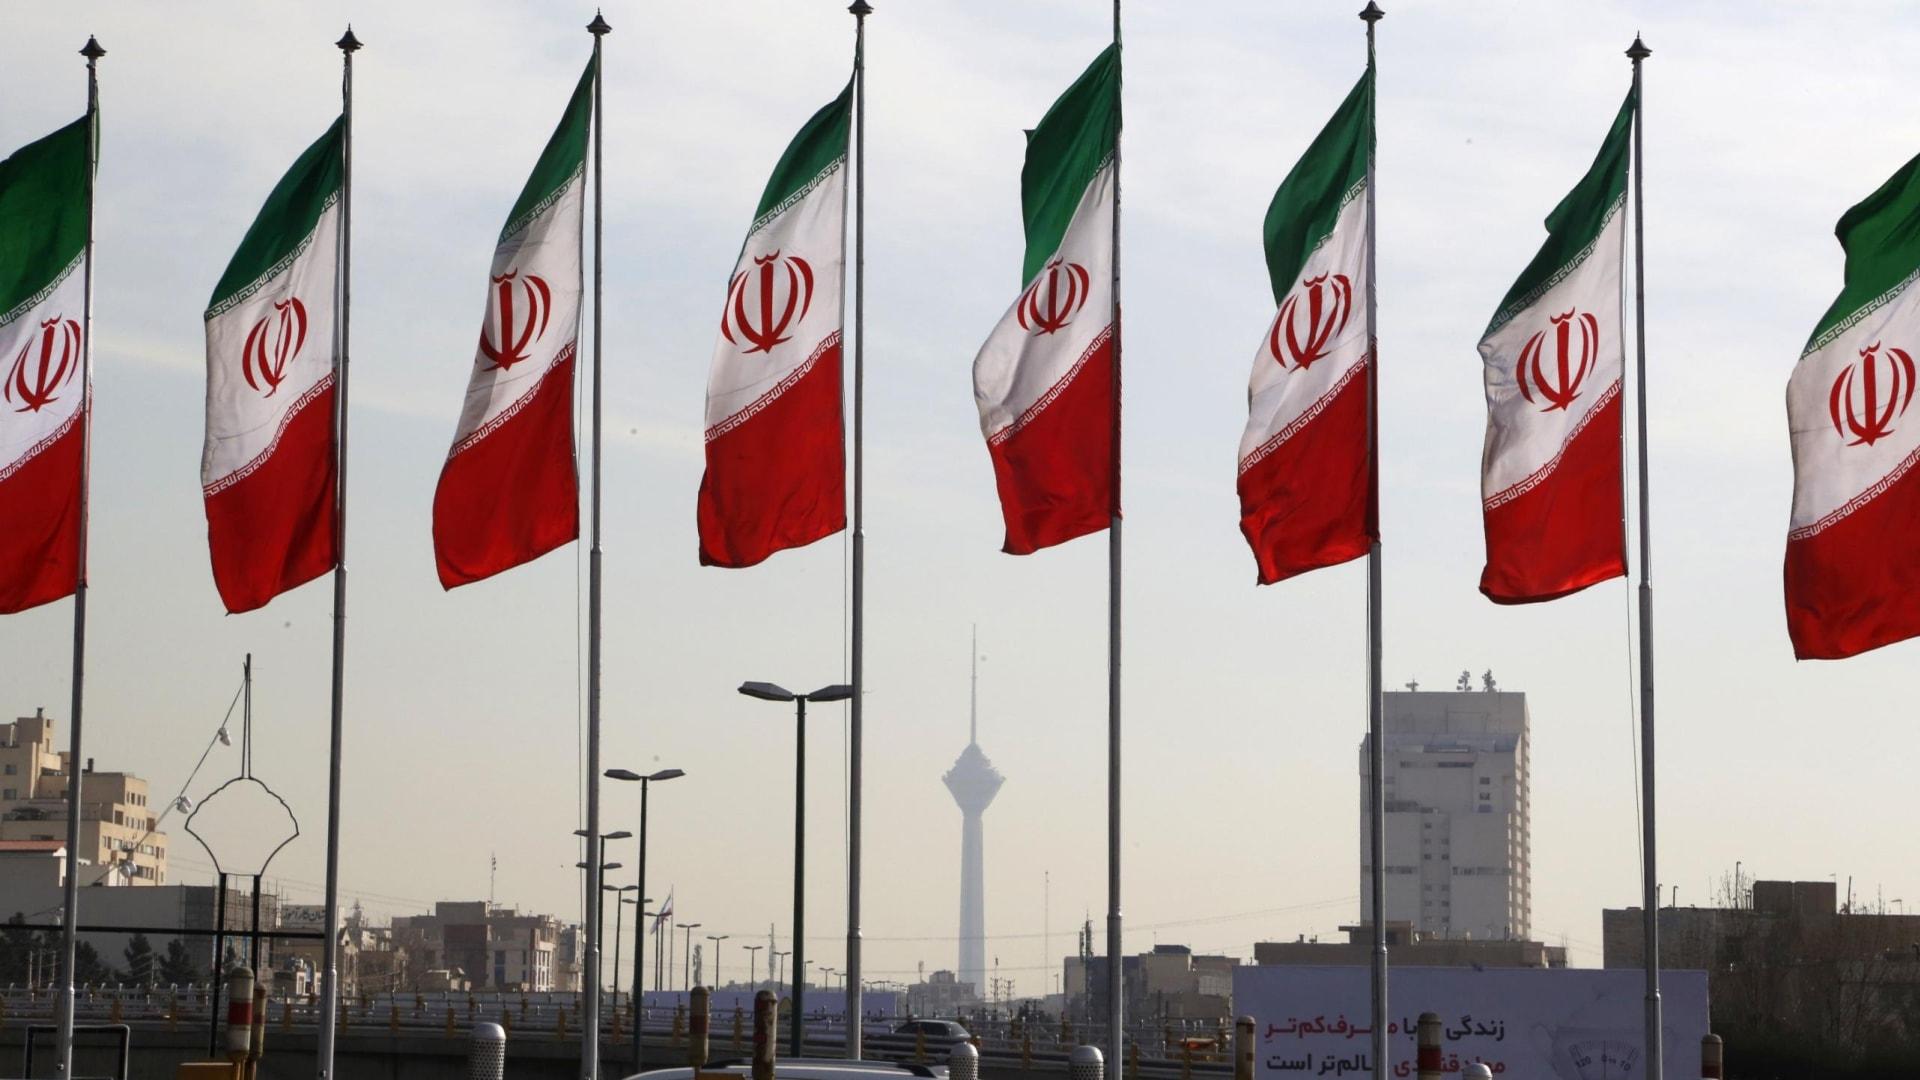 """تقارير استخباراتية """"تكشف"""" ما على متن سفن تجارية إيرانية.. ومسؤول يعلق"""